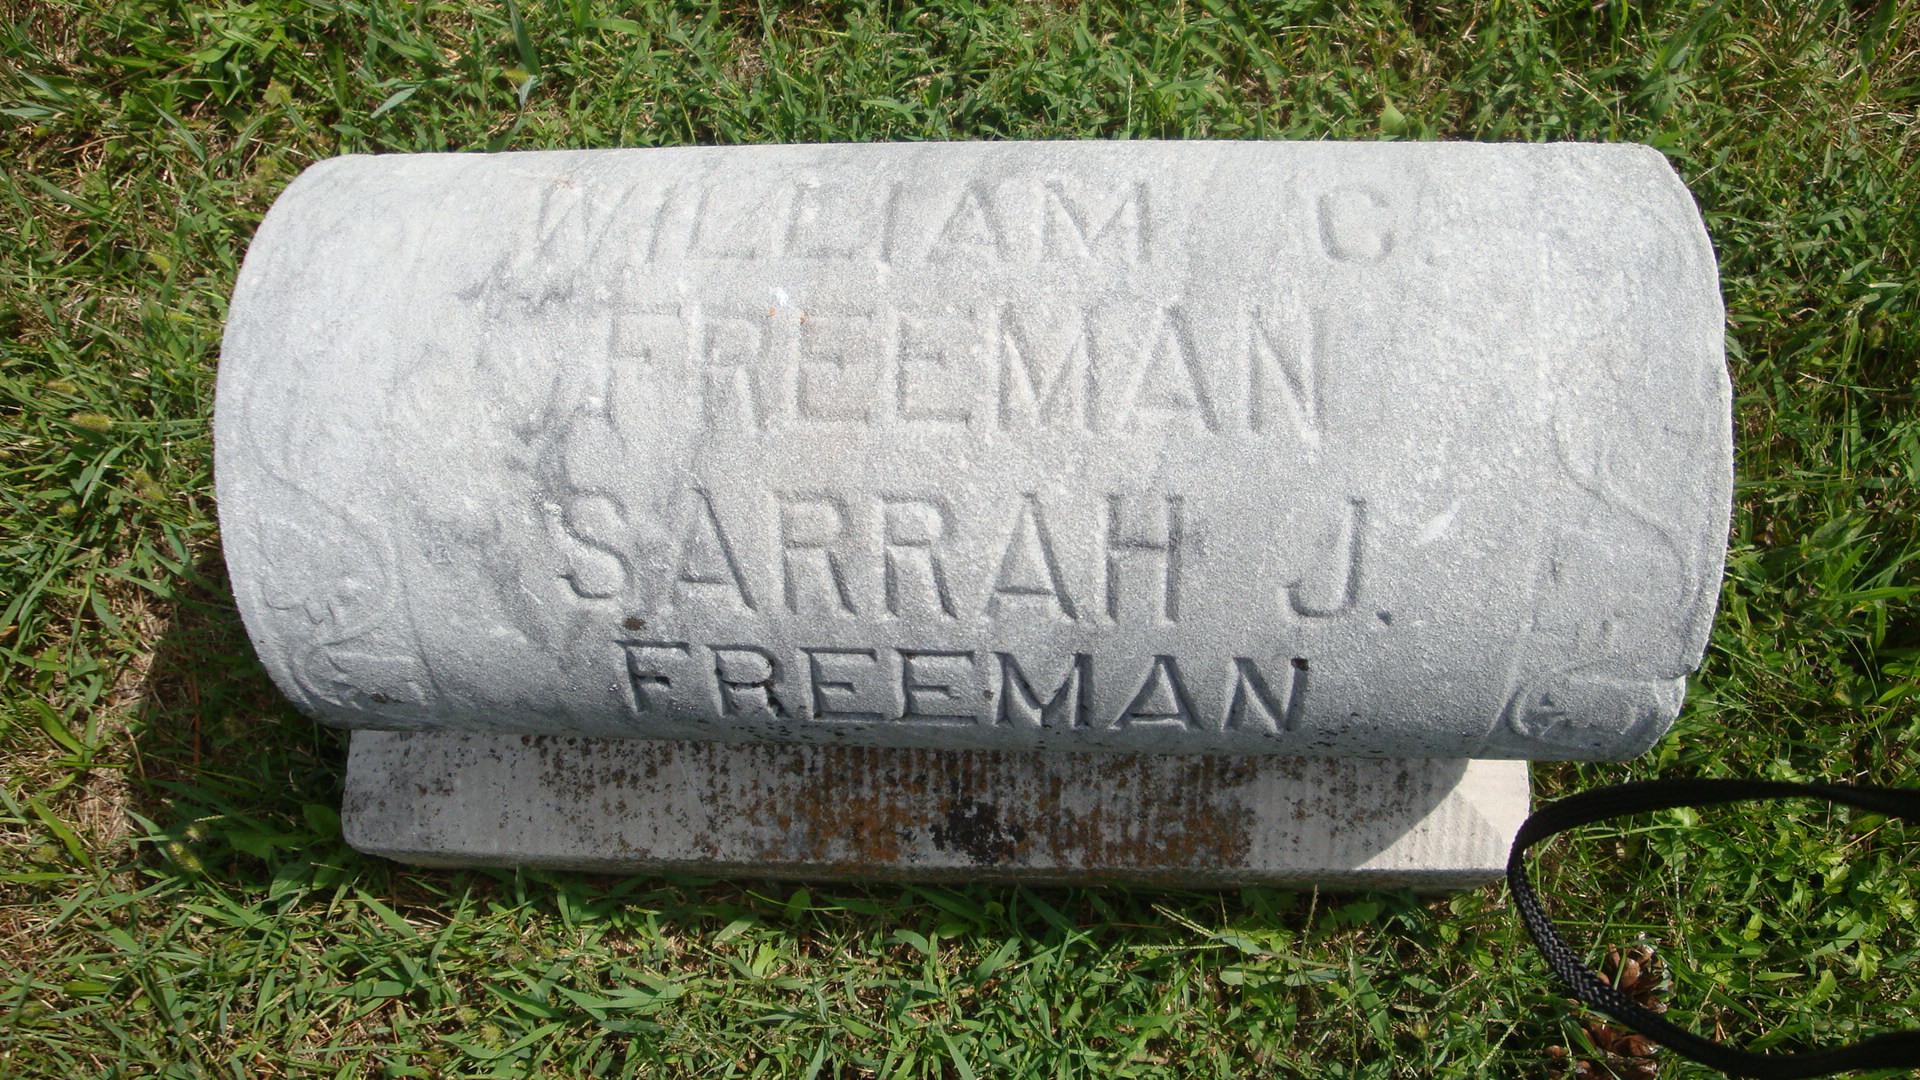 Comfort Freeman